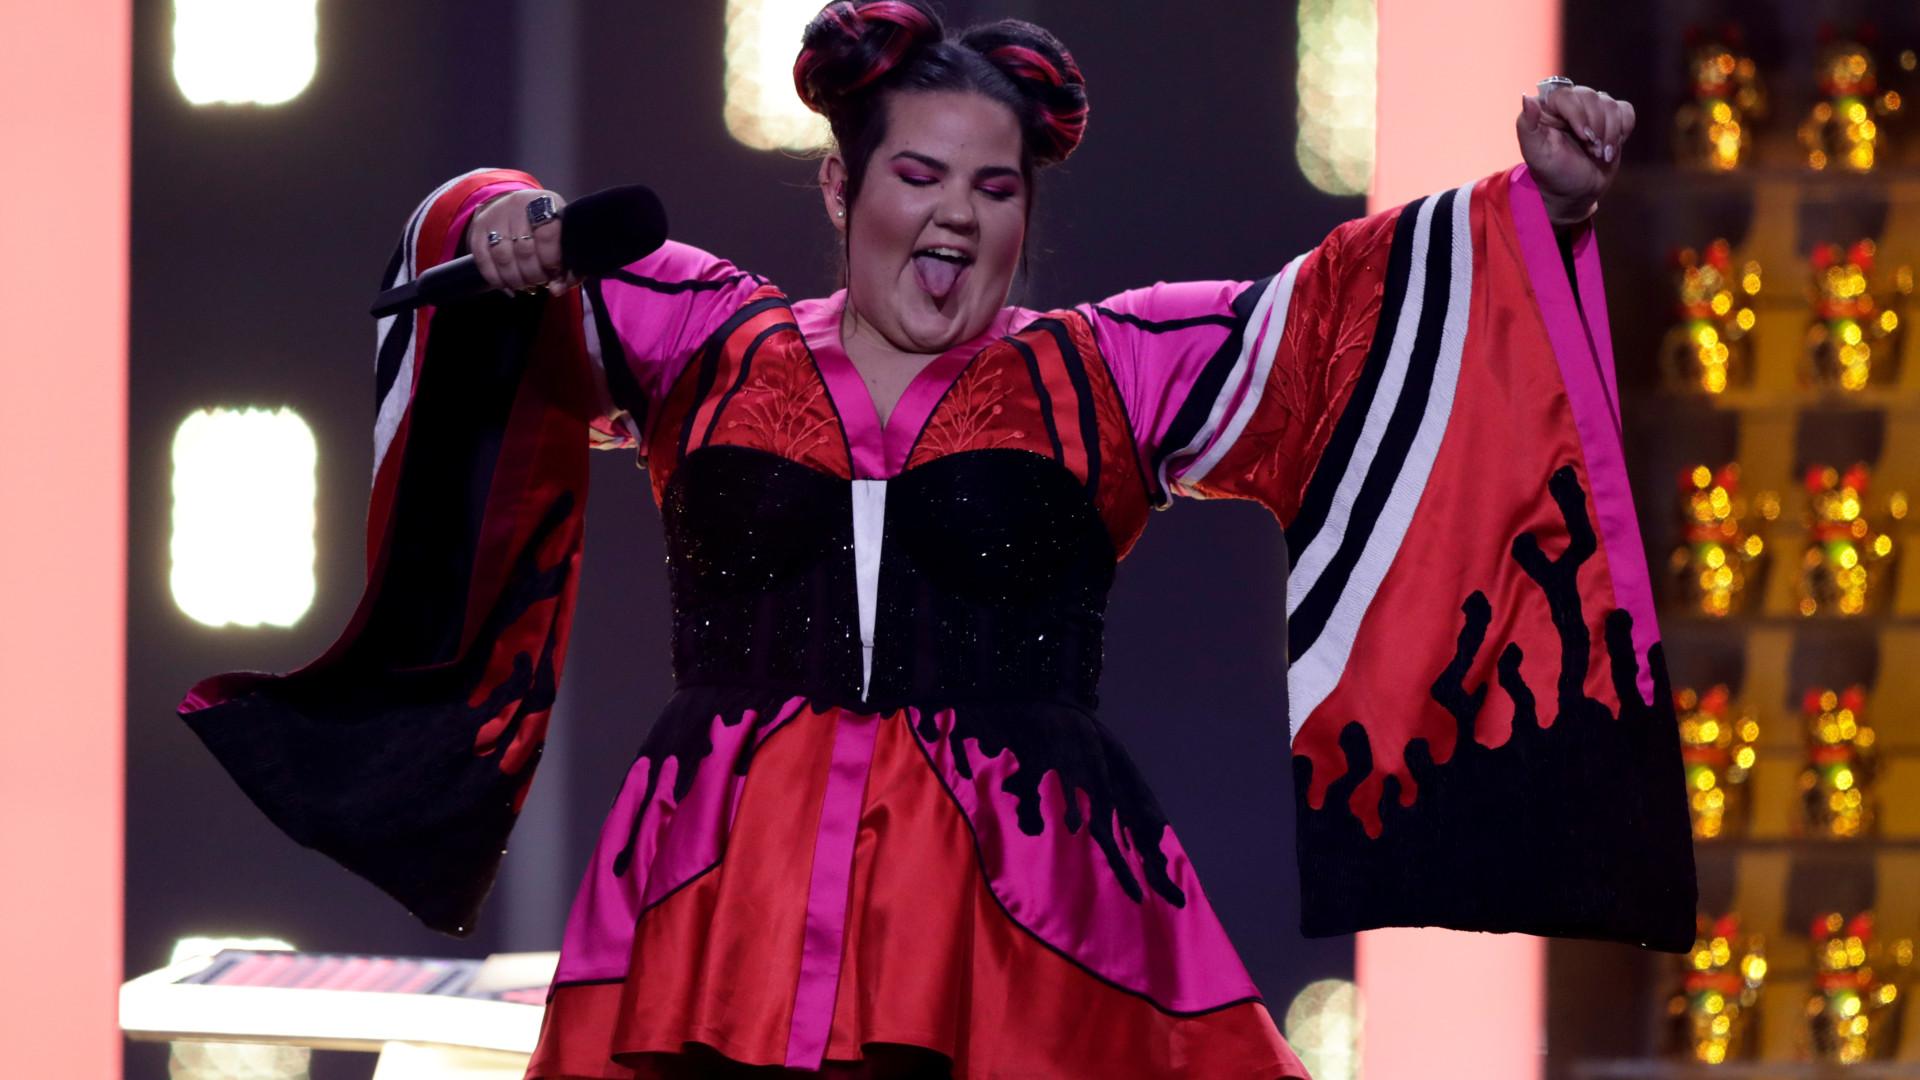 Israel e Chipre (favoritos à vitória) passam à final da Eurovisão